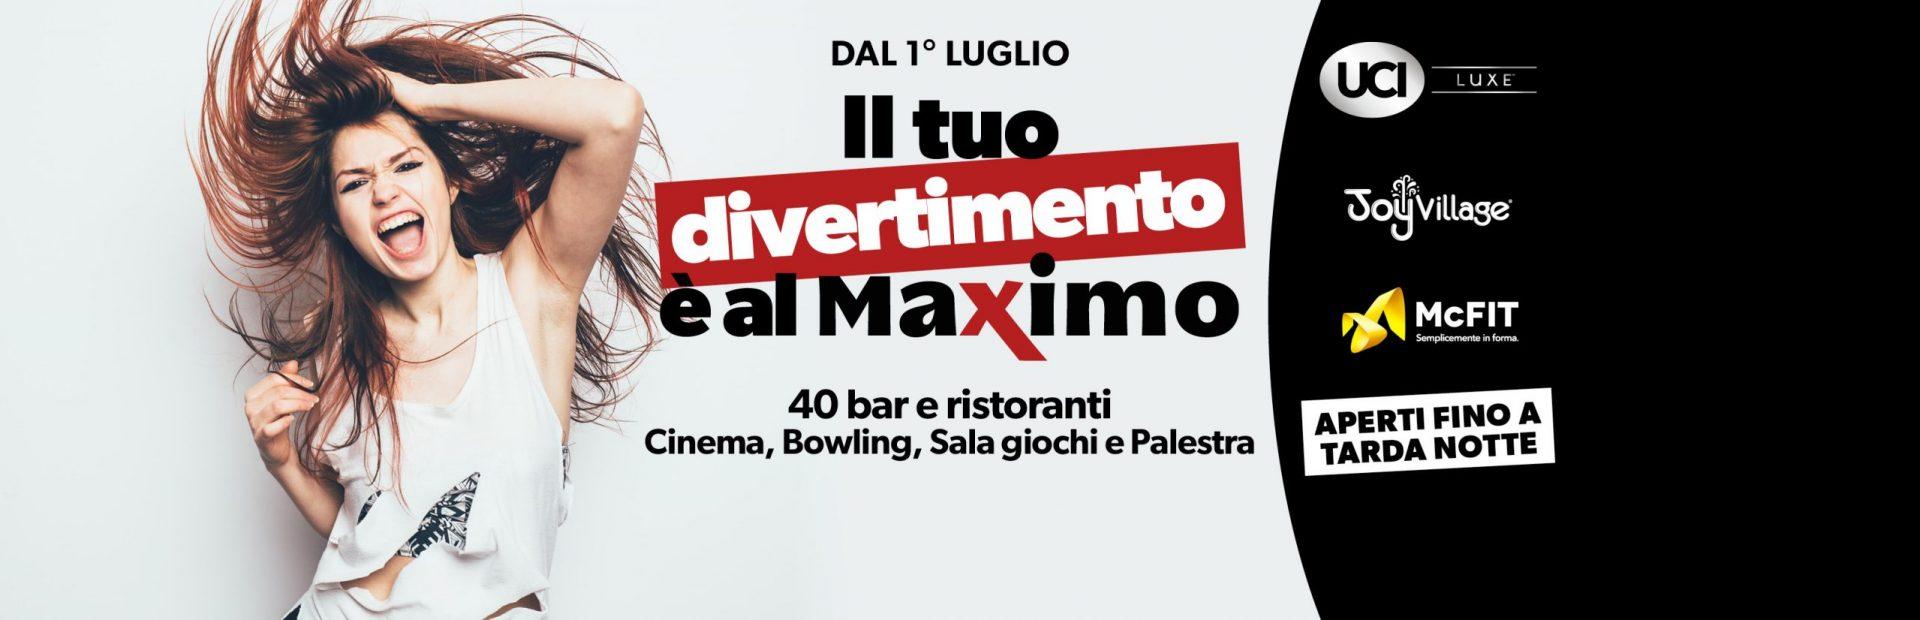 Maximo_Divertimento_1920x620